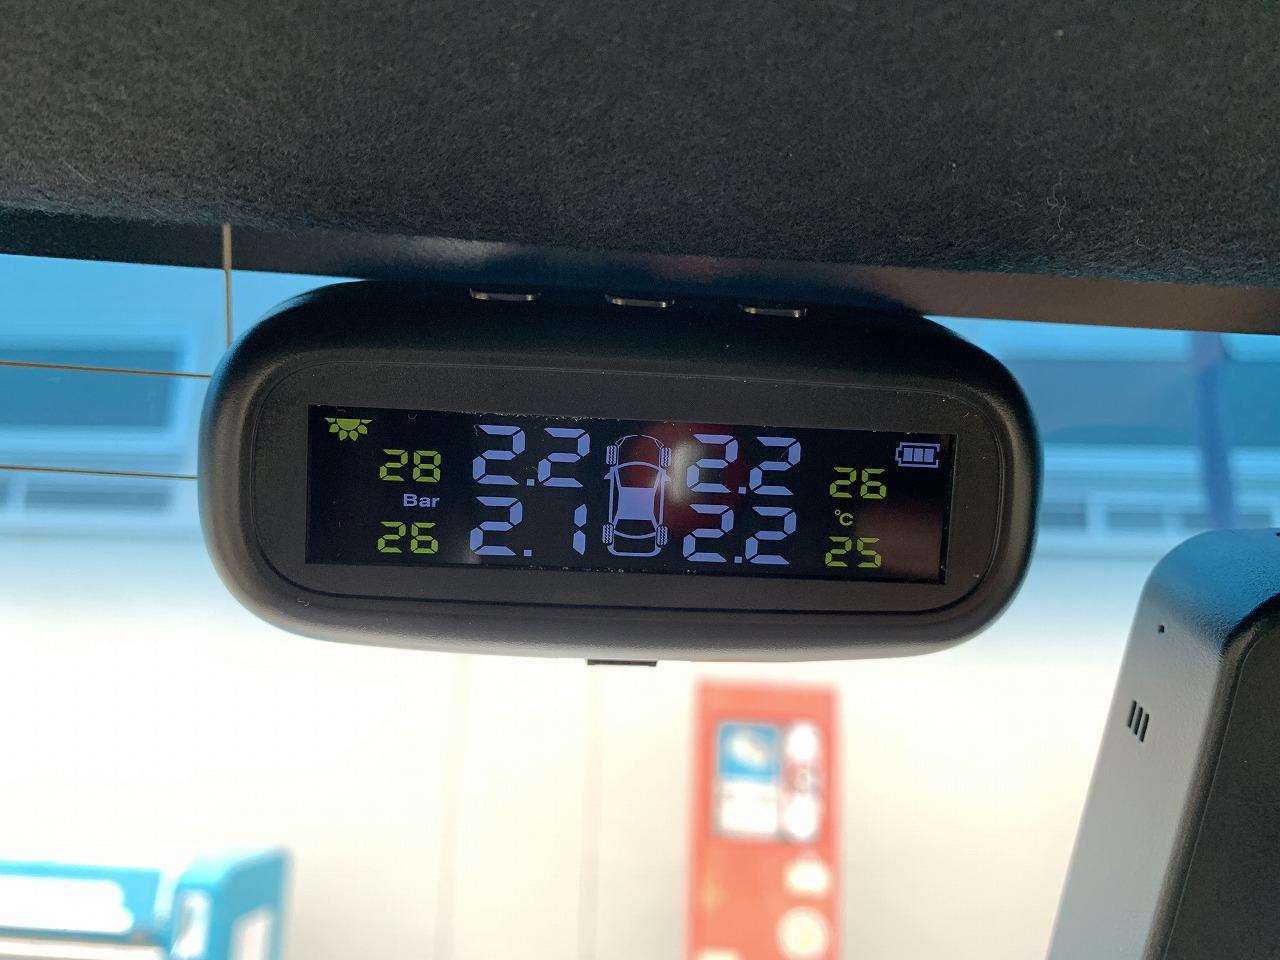 N-BOXカスタム(JF3)に「タイヤ空気圧モニタリングシステム(TPMS)」を装着しました♪取り付けレポート!